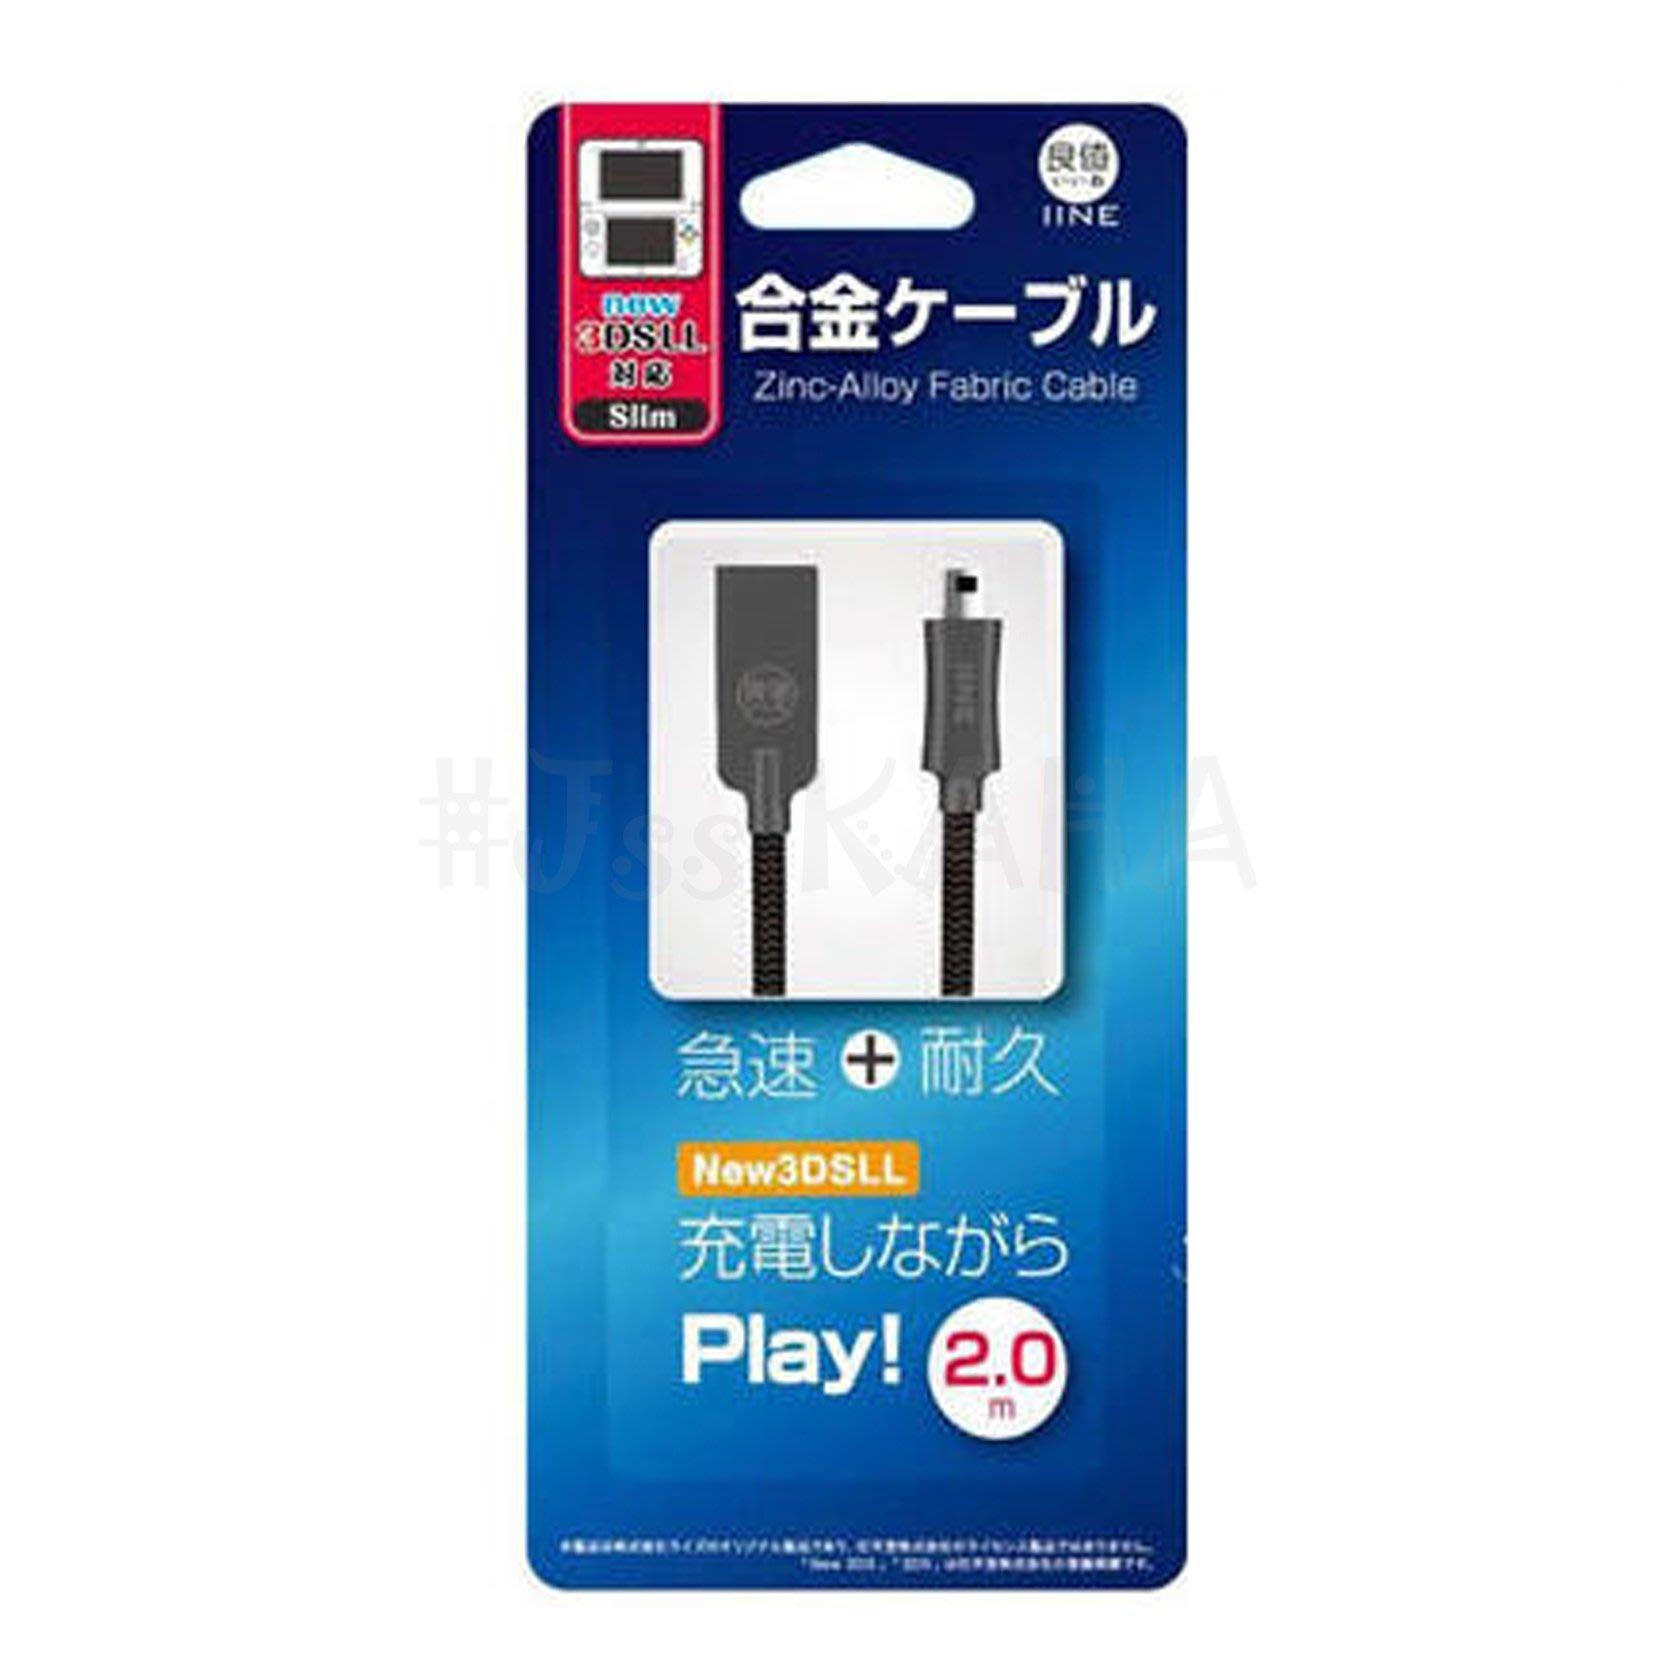 現貨 N3DS 合金充電線 日本良值 USB充電線 2M N3DSLL N2DSLL 鈦灰 香檳金